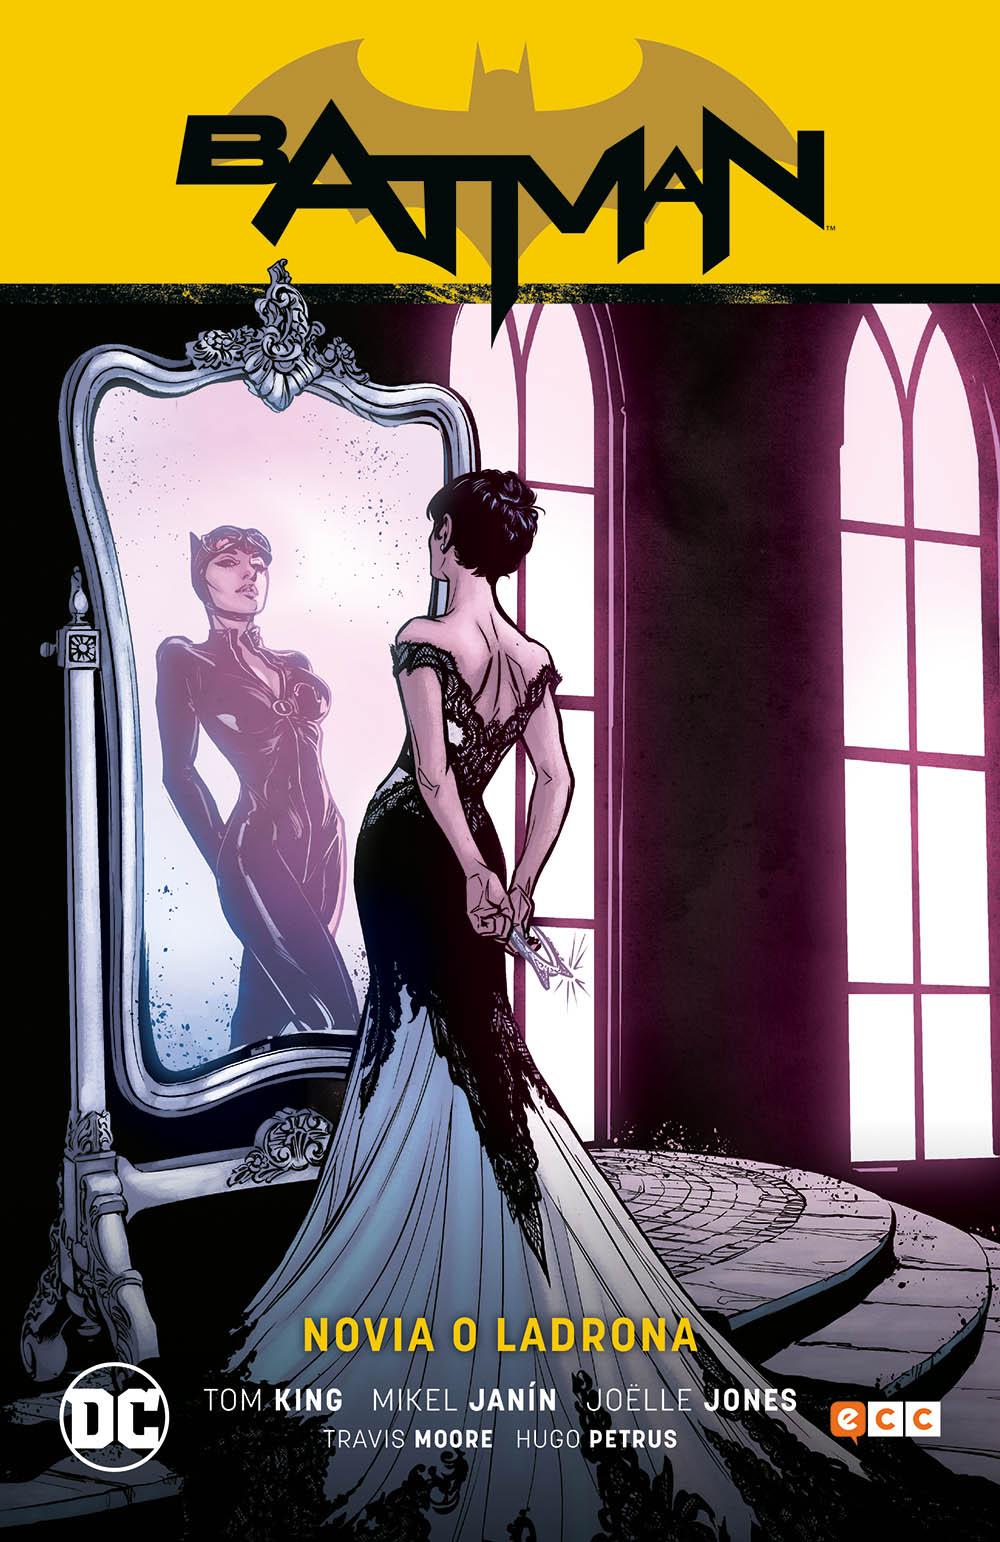 Batman Vol. 8: Novia o ladrona (Batman Saga - Camino al altar parte 2)